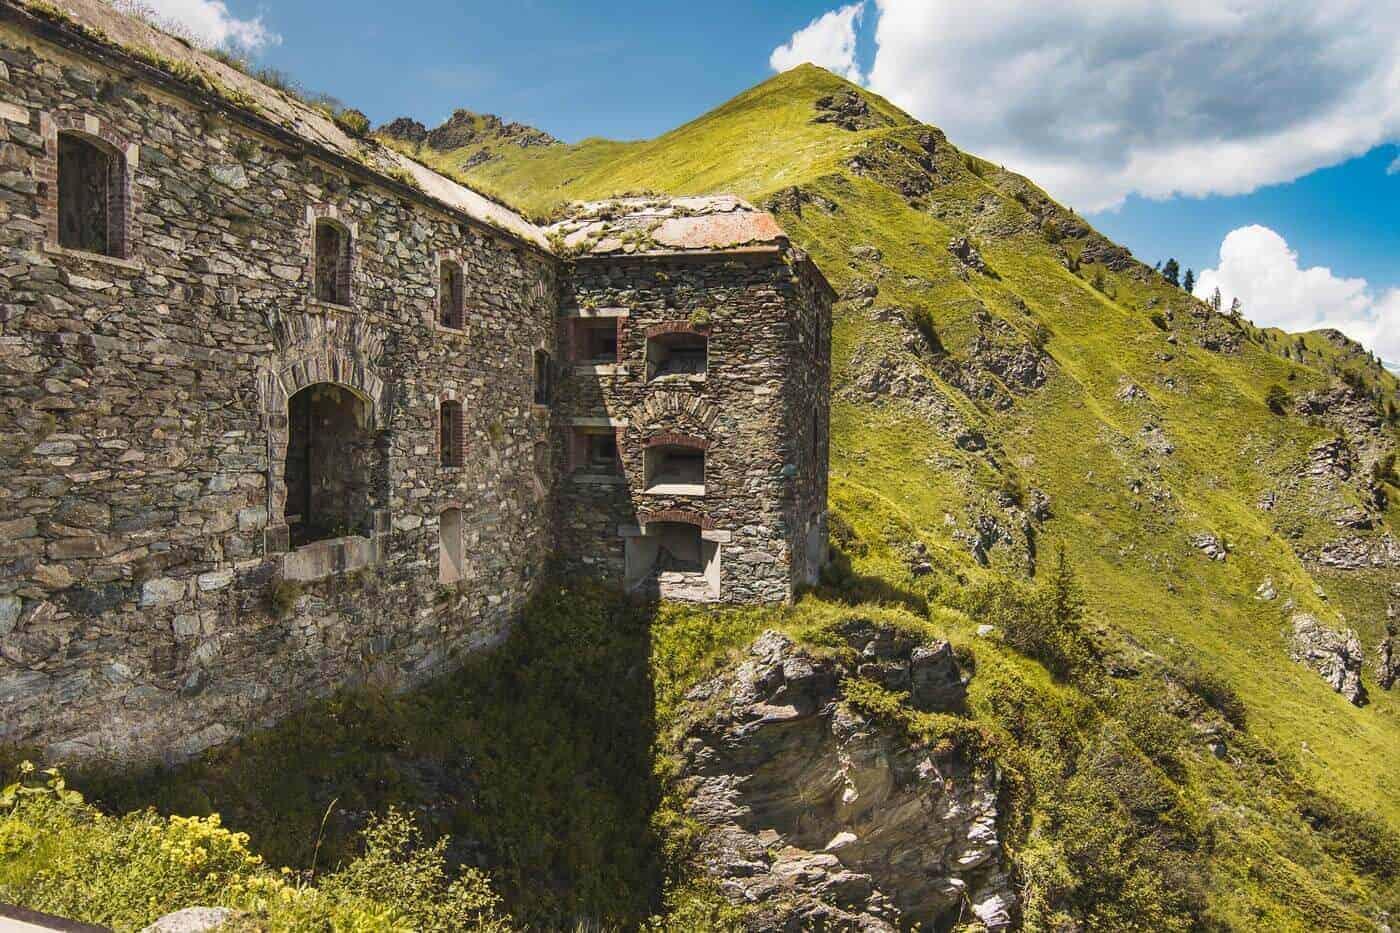 Val di Susa - Colle delle finestre (anello dei forti) (17)